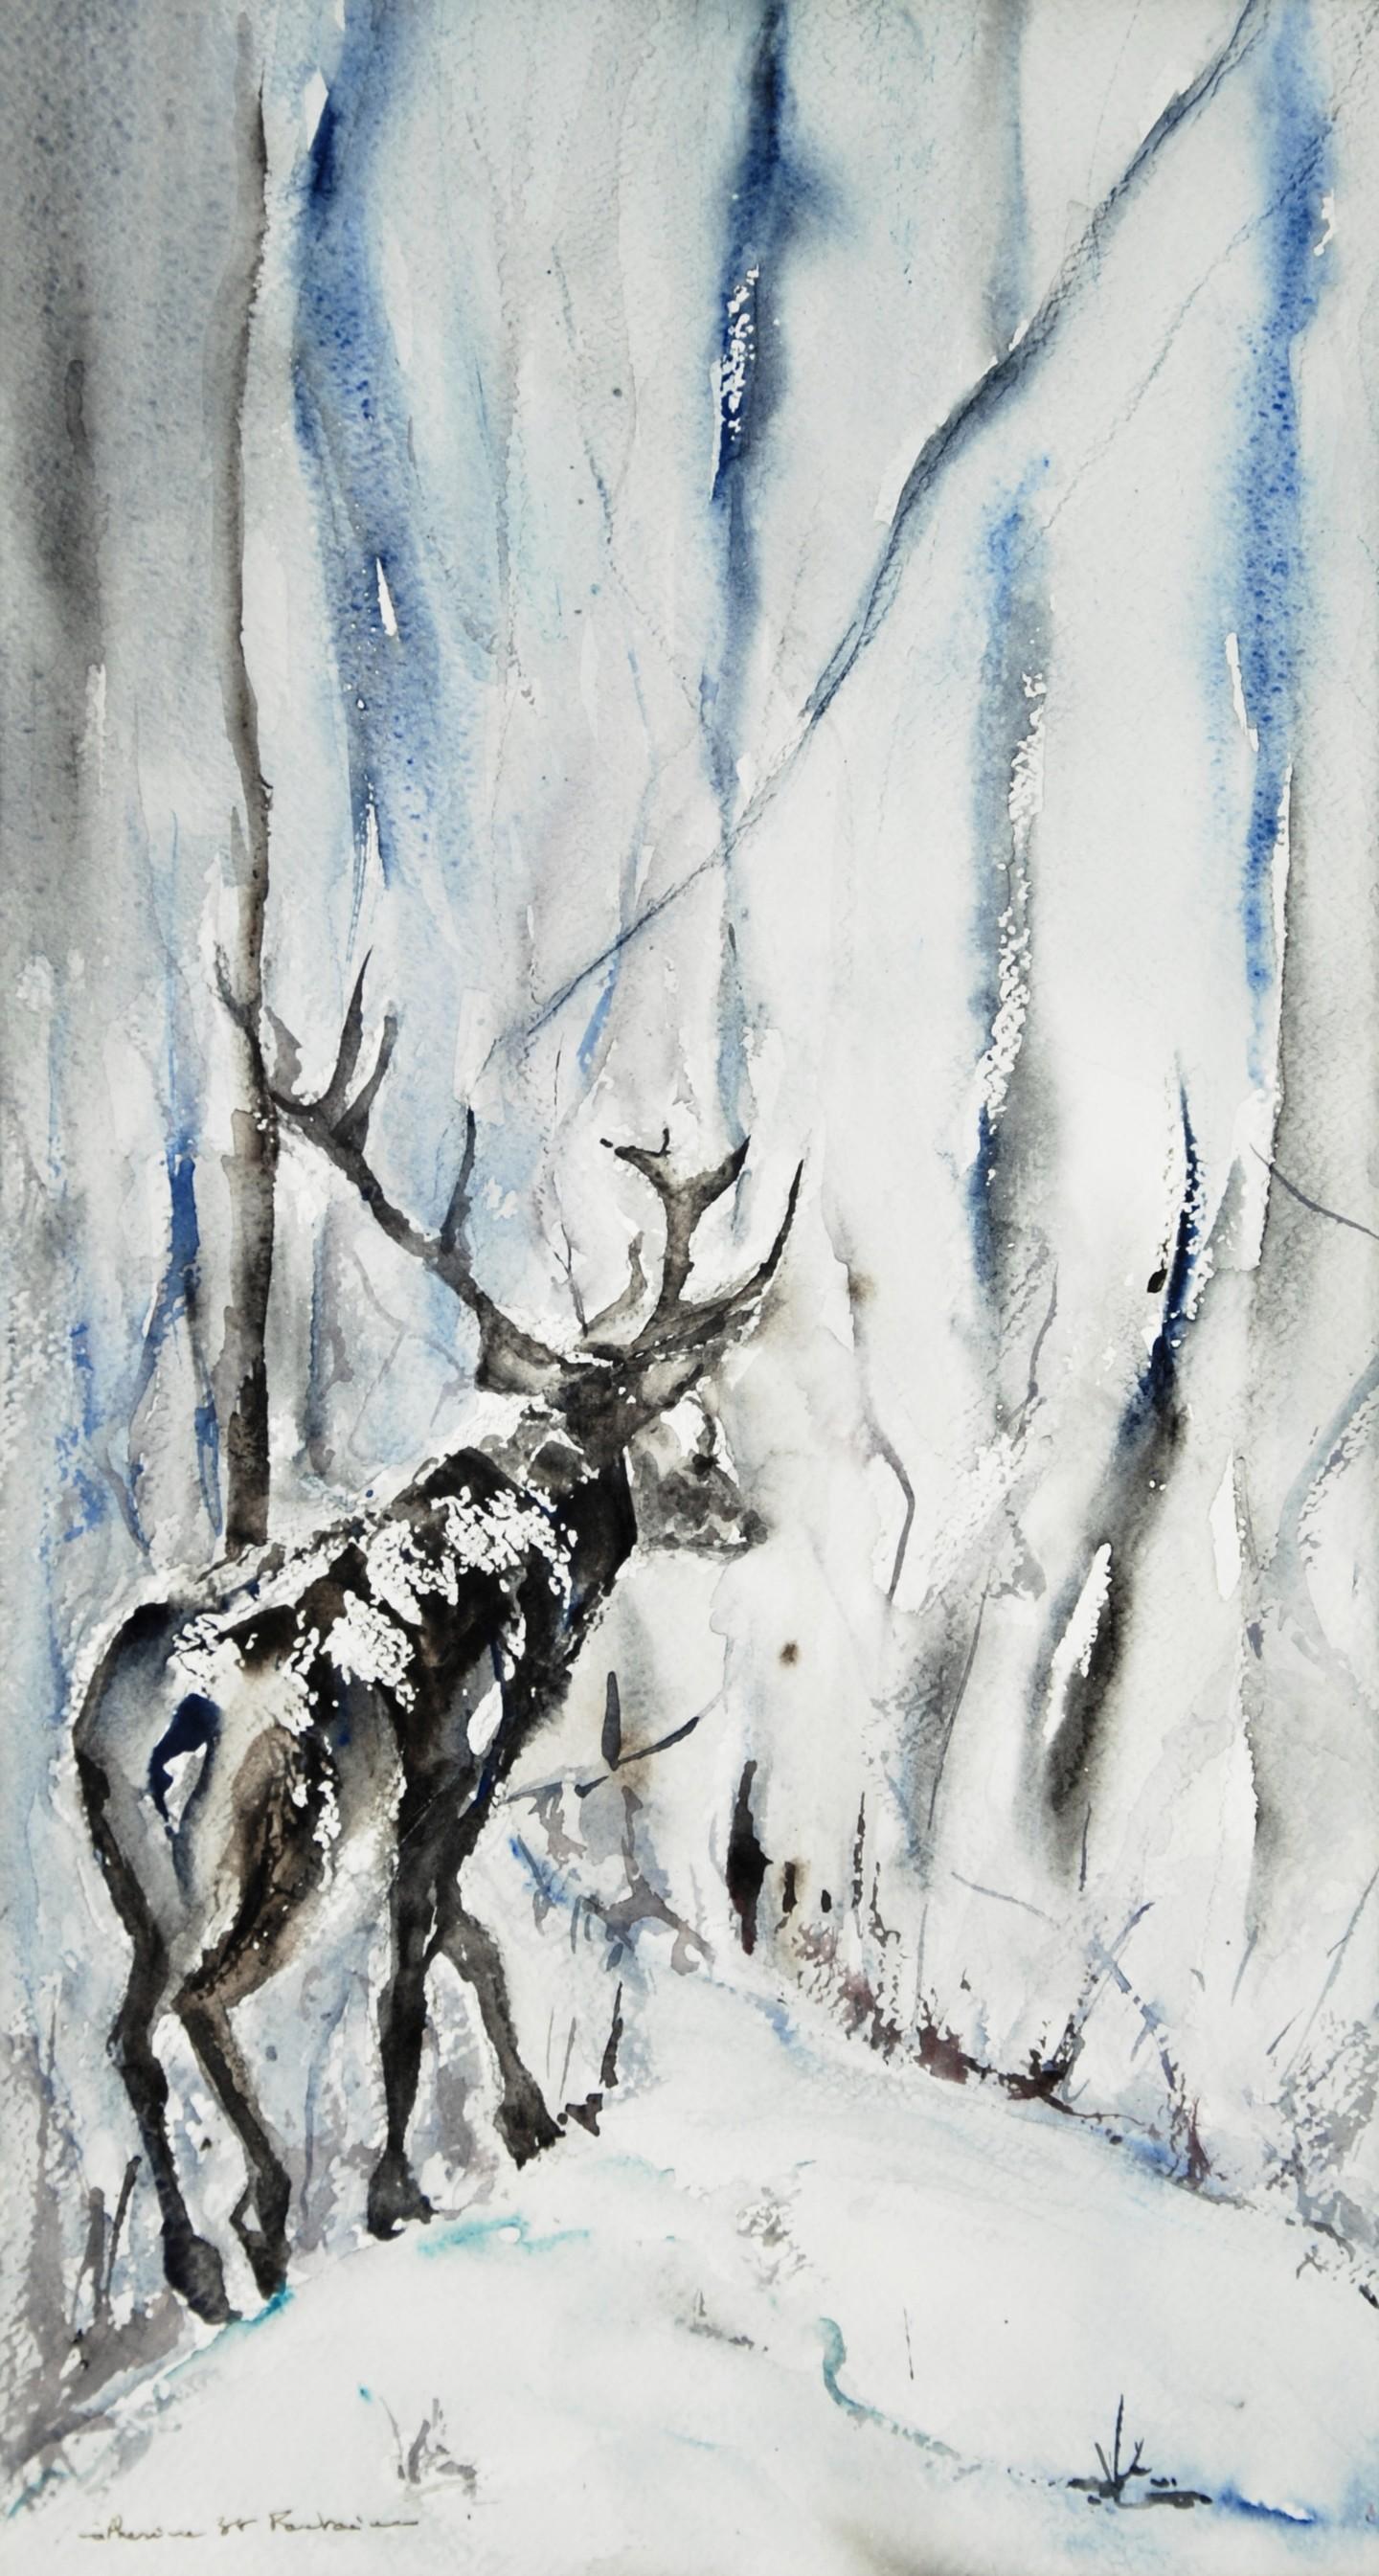 catherinesaintfontaine - le vieux cerf dans la neige